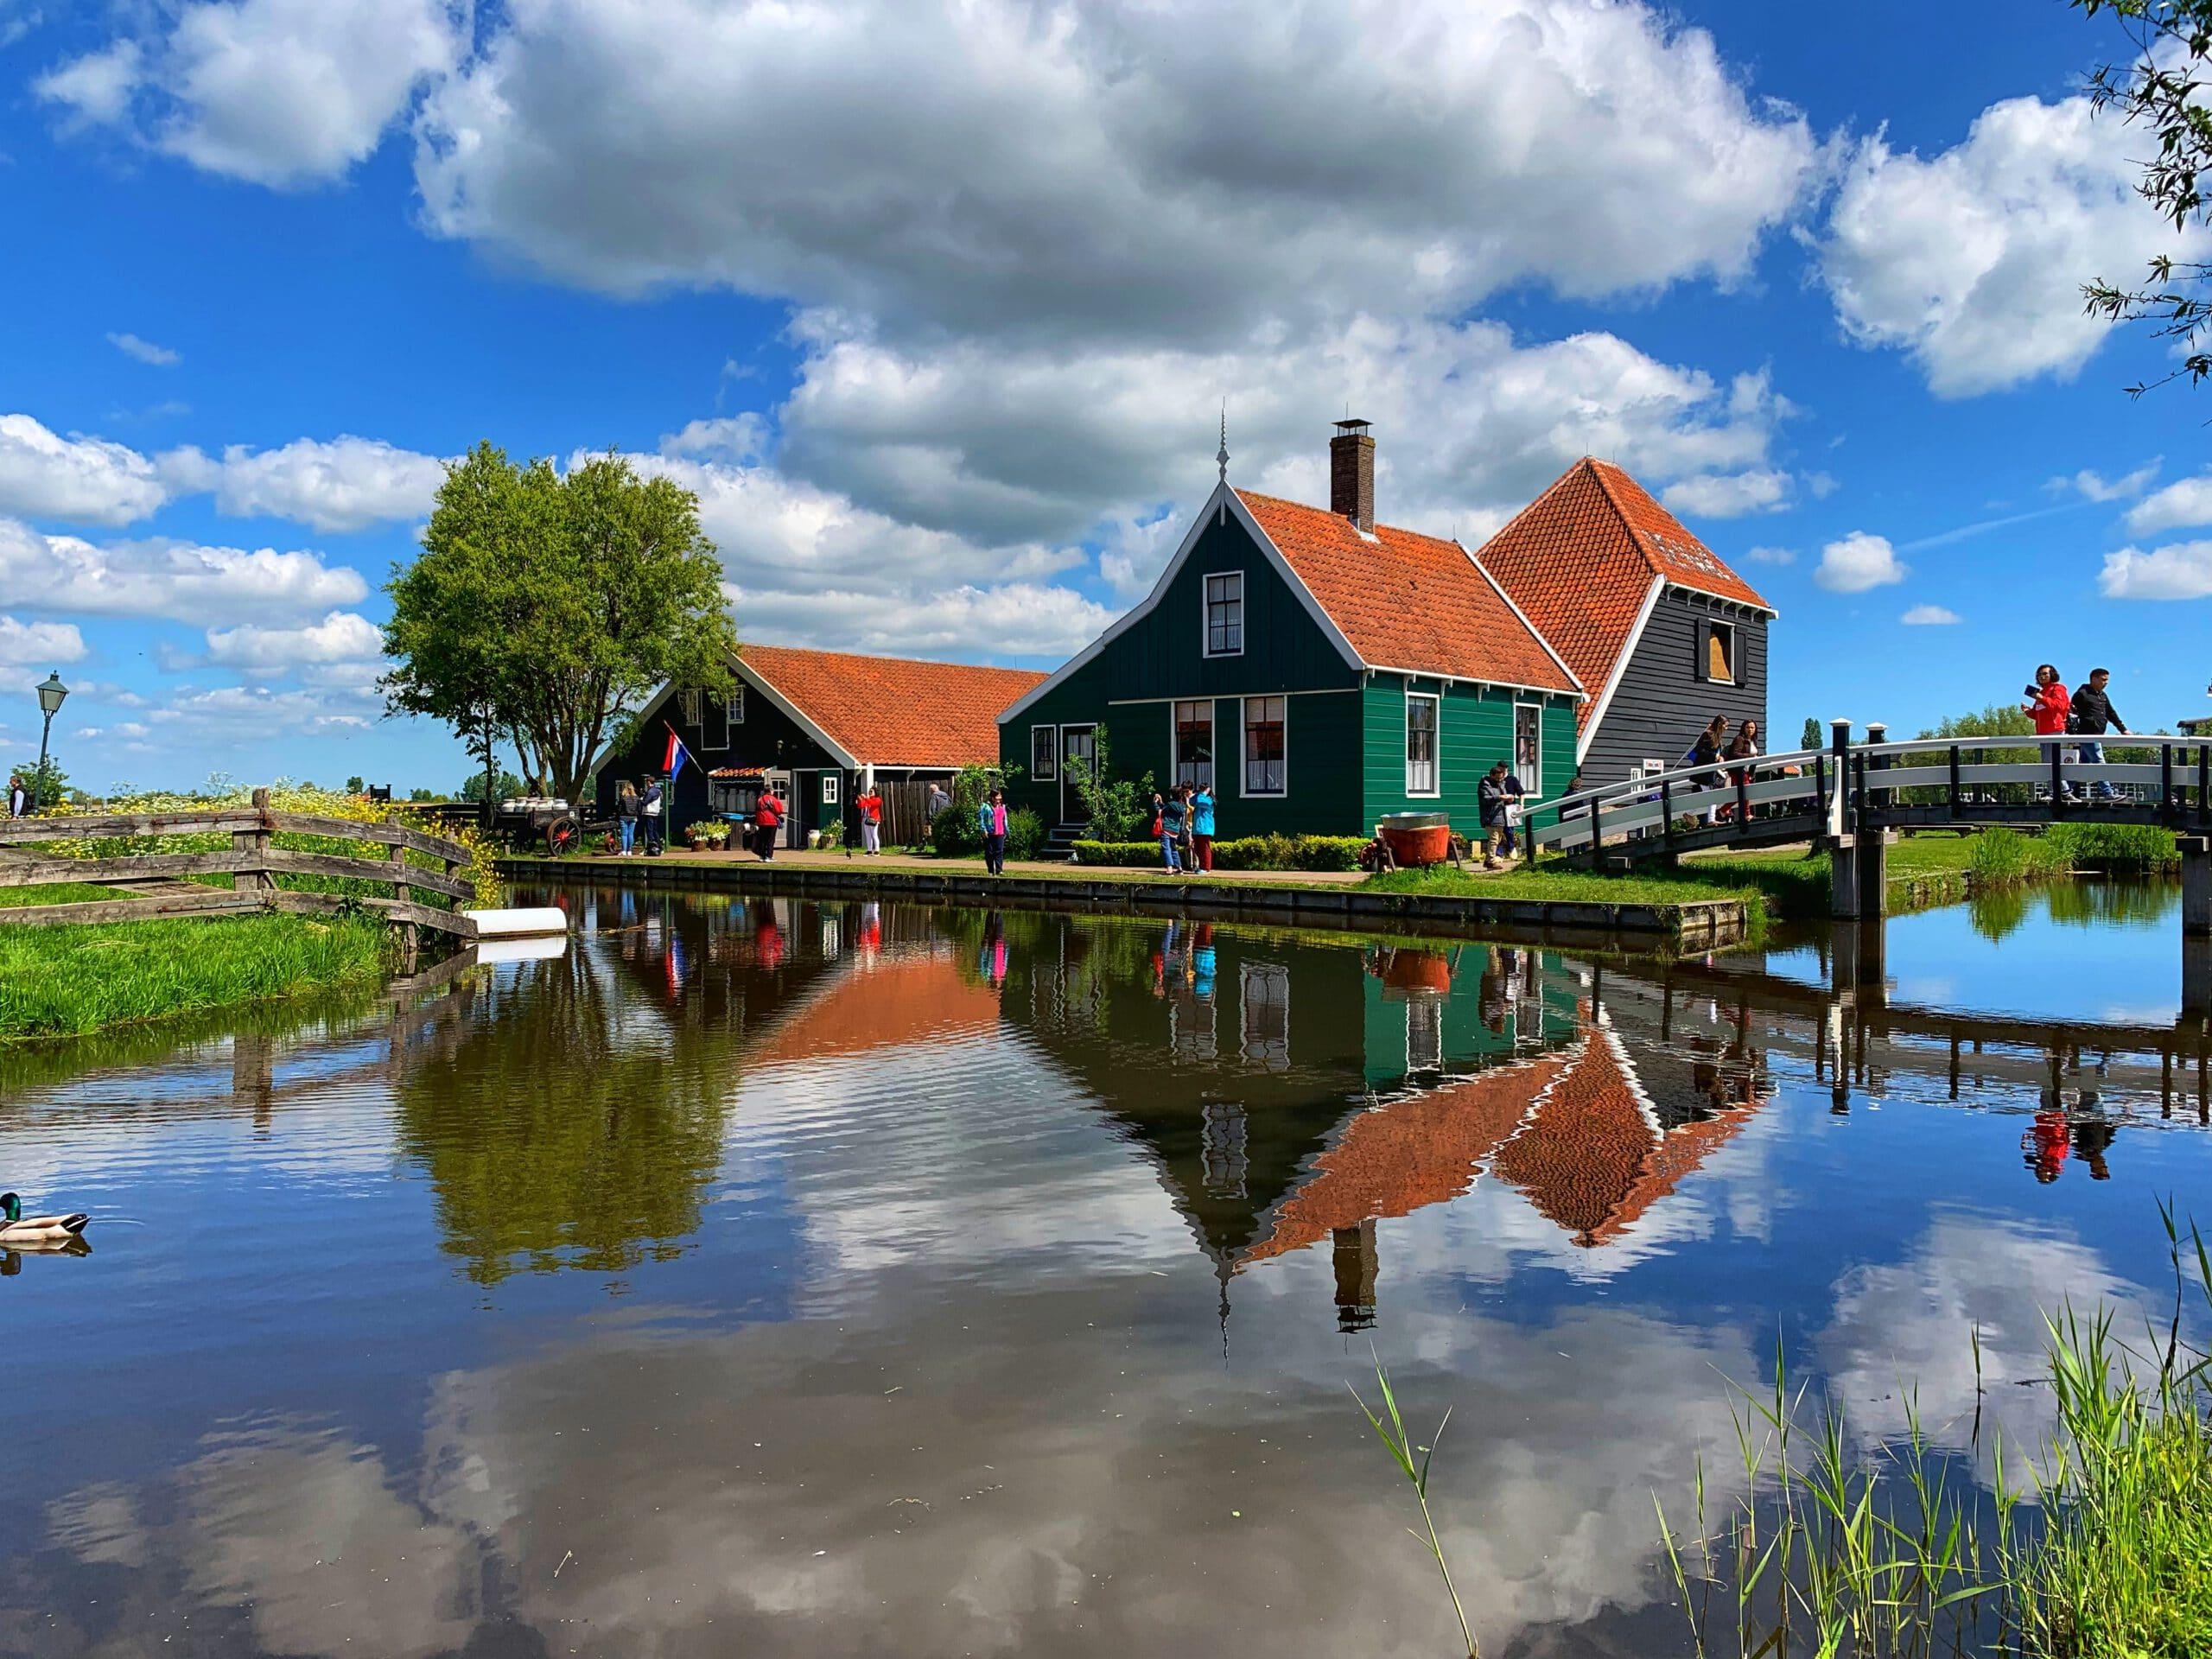 Nederland-Amsterdam-Cruise-Haven-Zaanse-Schans